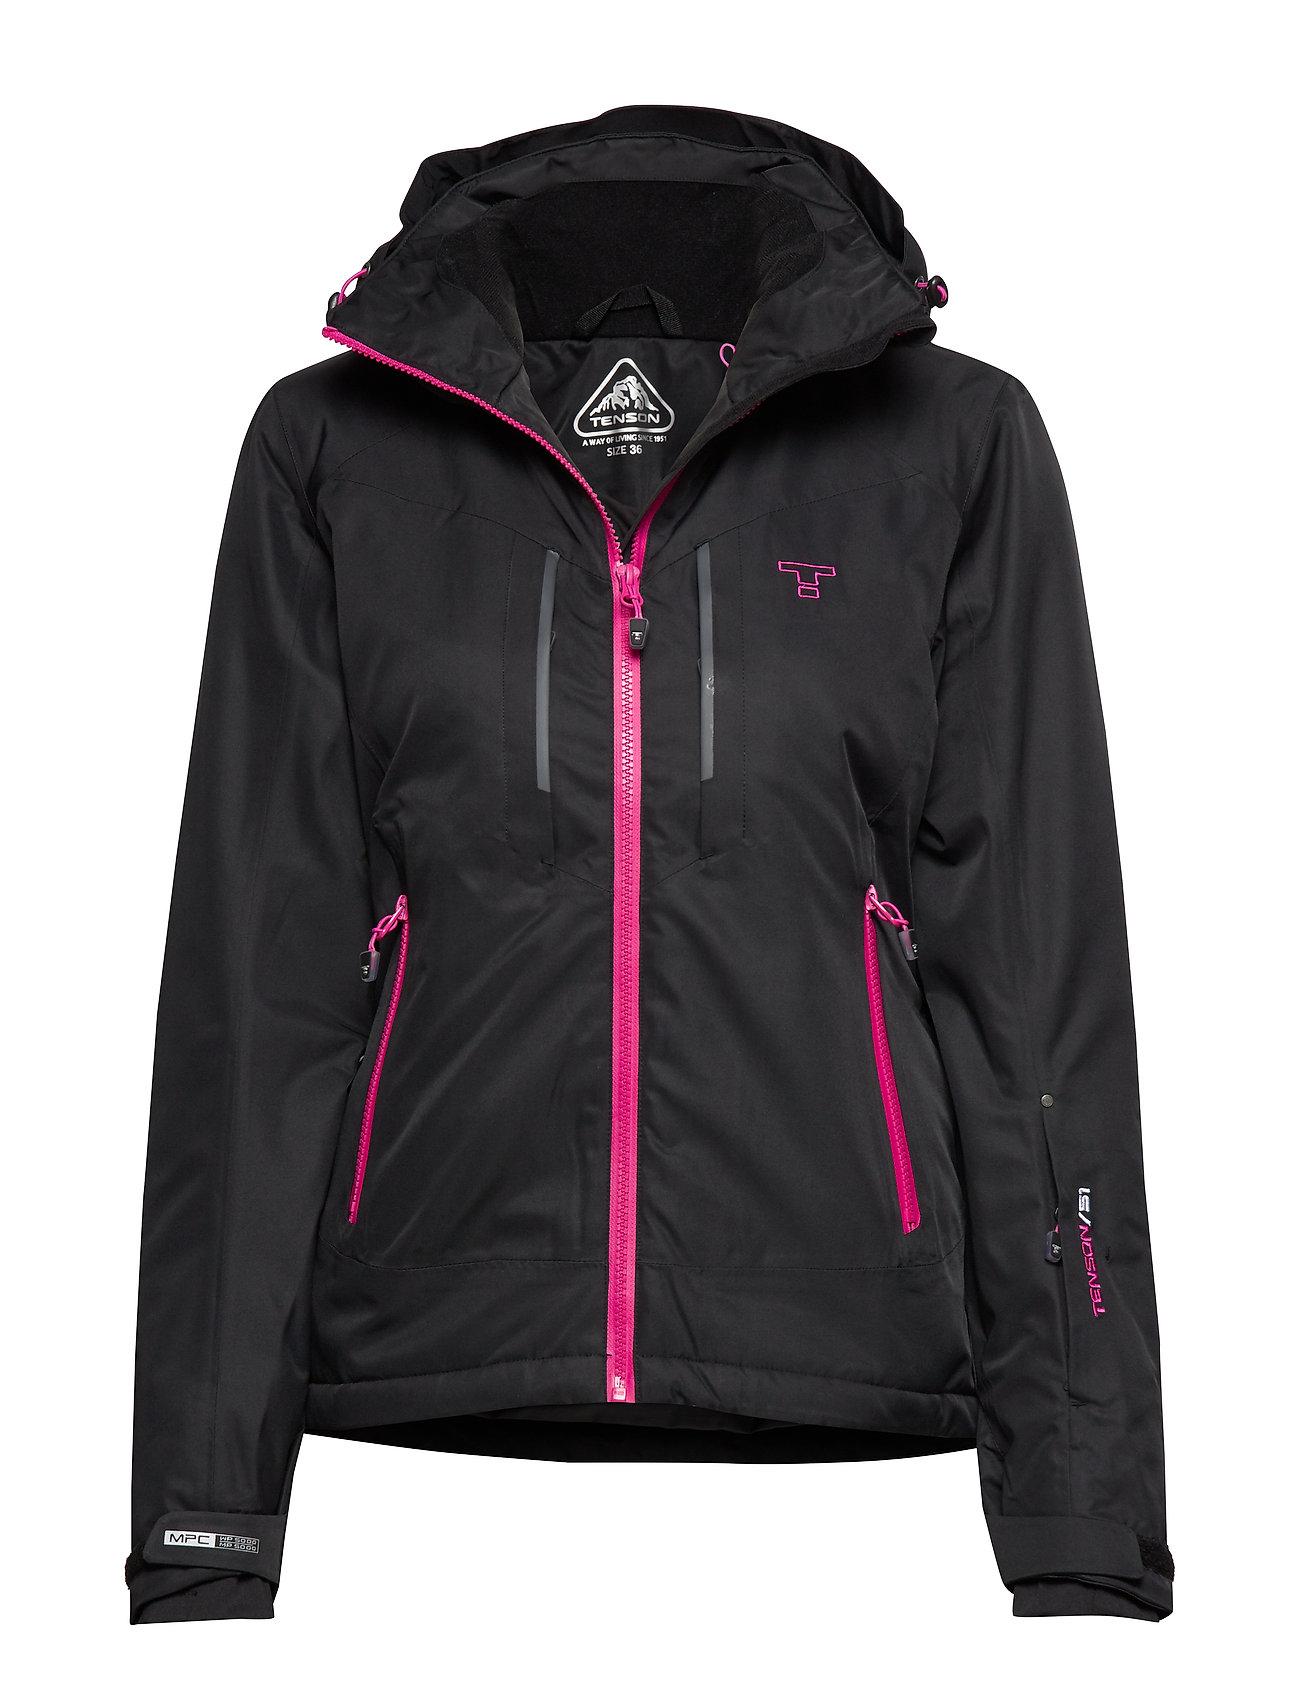 Image of Ottawa Outerwear Women Outerwear Sport Jackets Sort Tenson (3292991339)